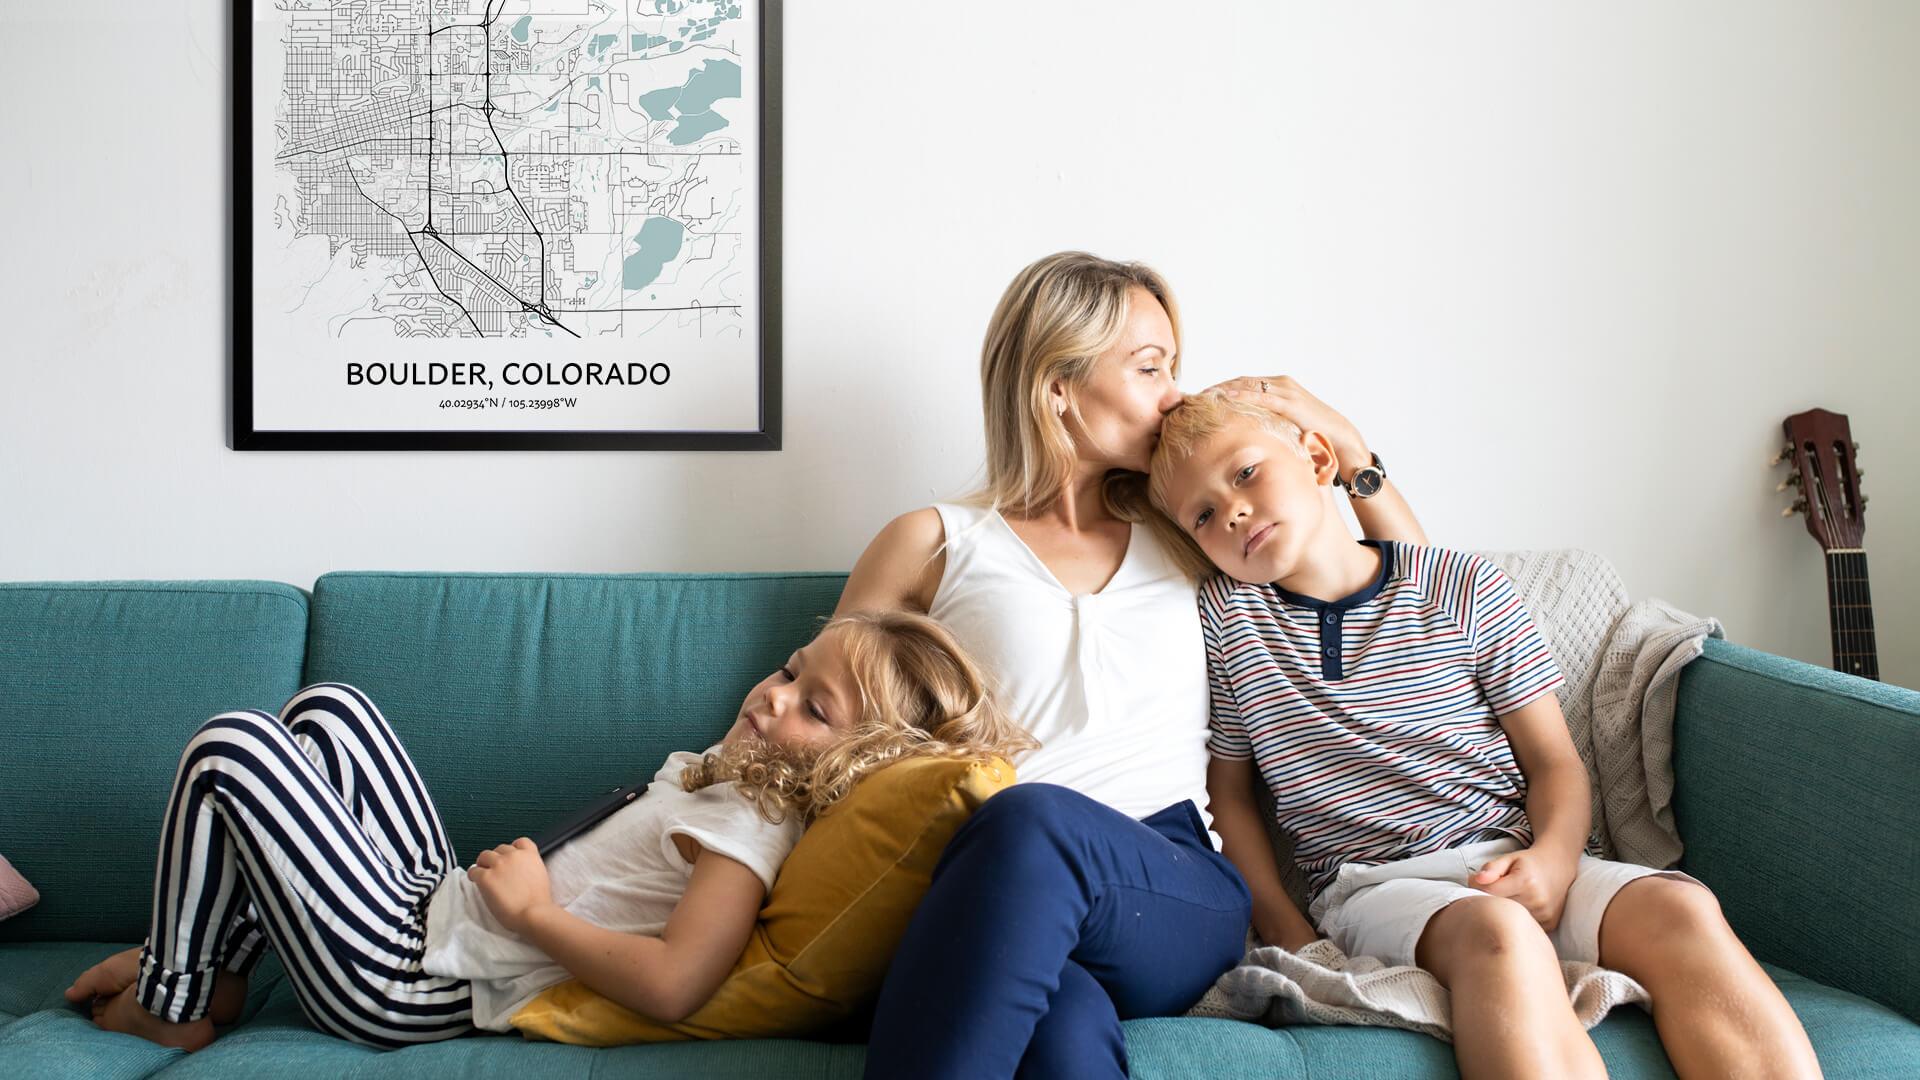 Boulder map poster